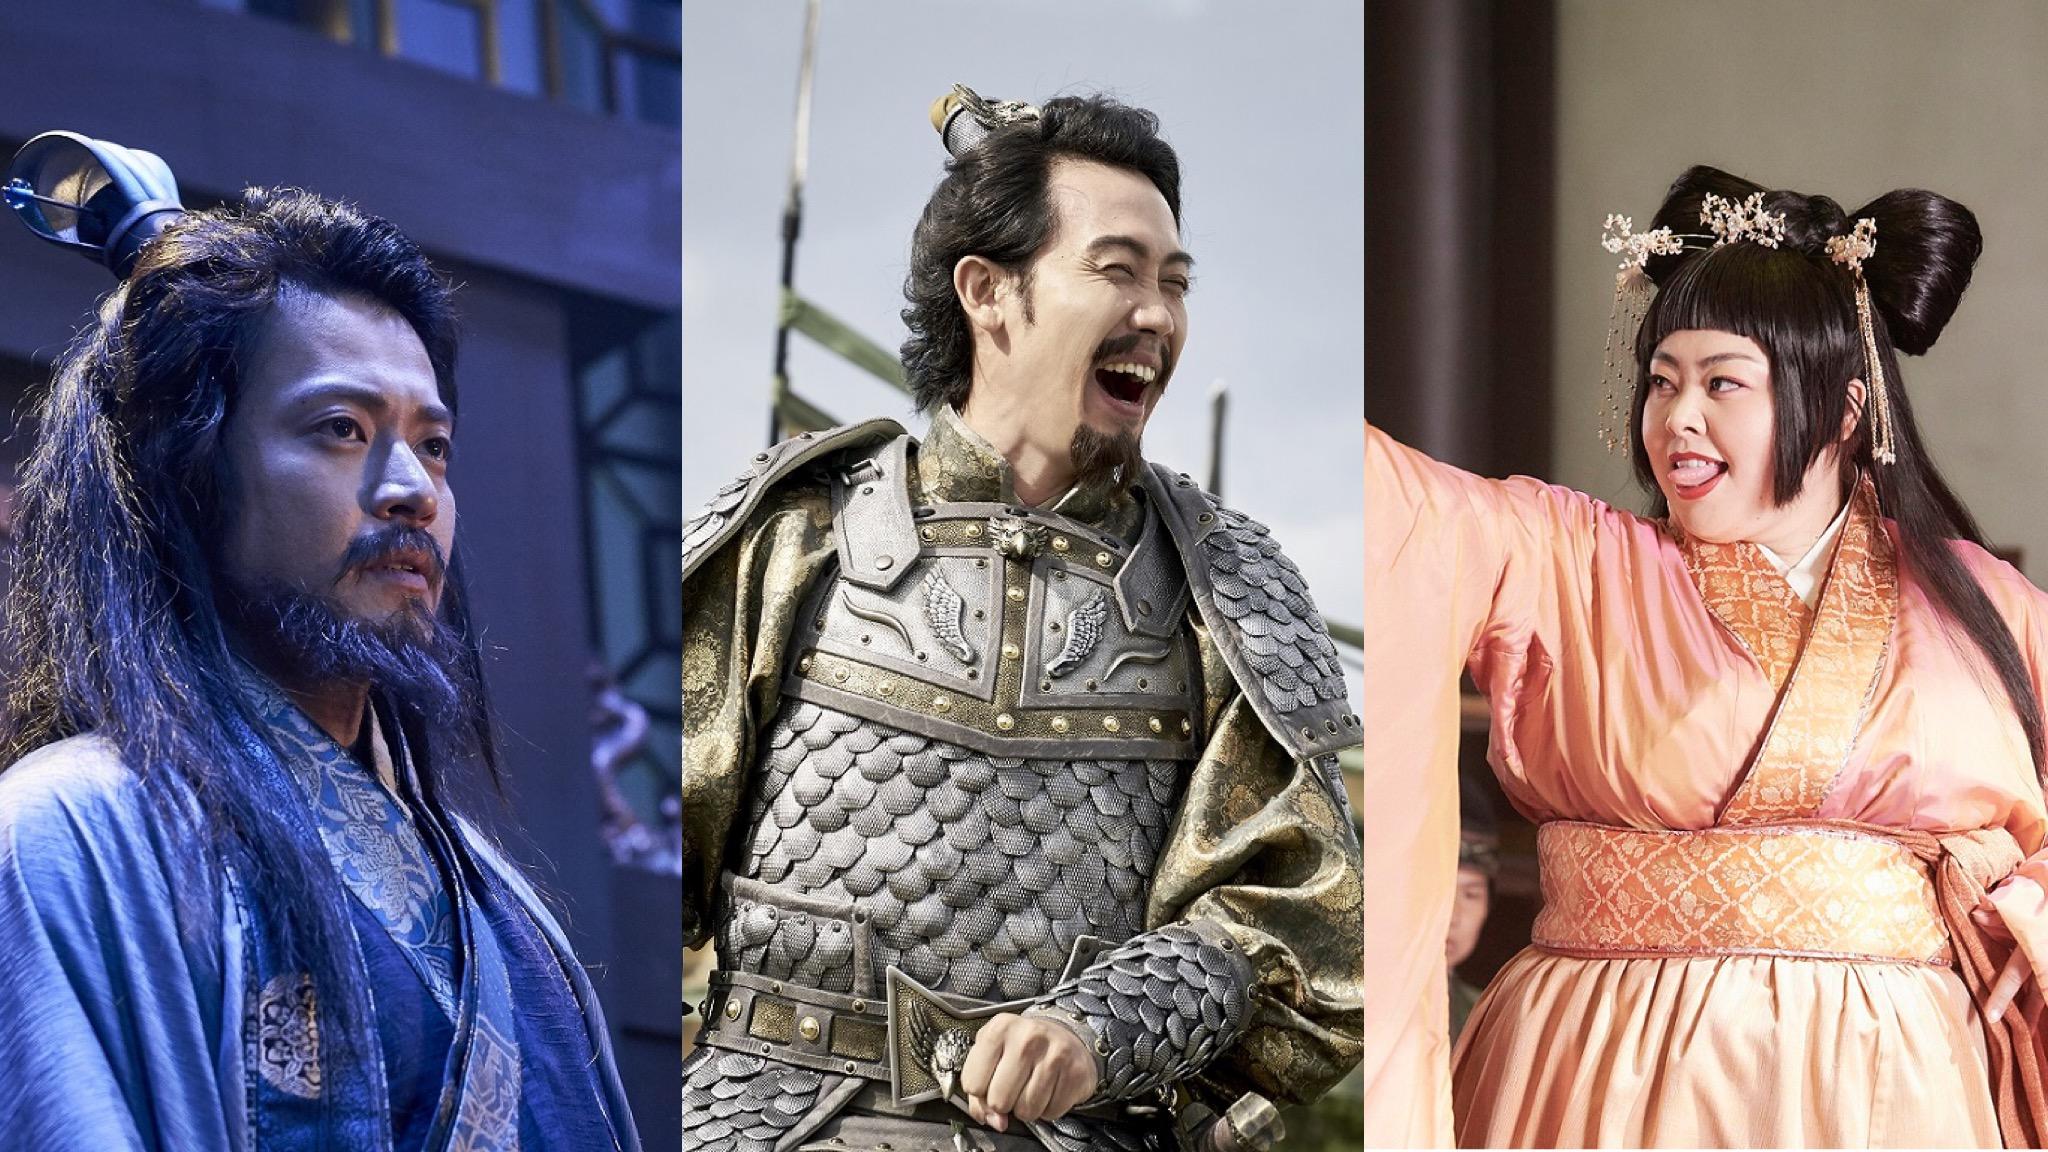 由鬼才喜劇導演福田雄一打造的歷史大作《新解釋.三國志》12月11日上映